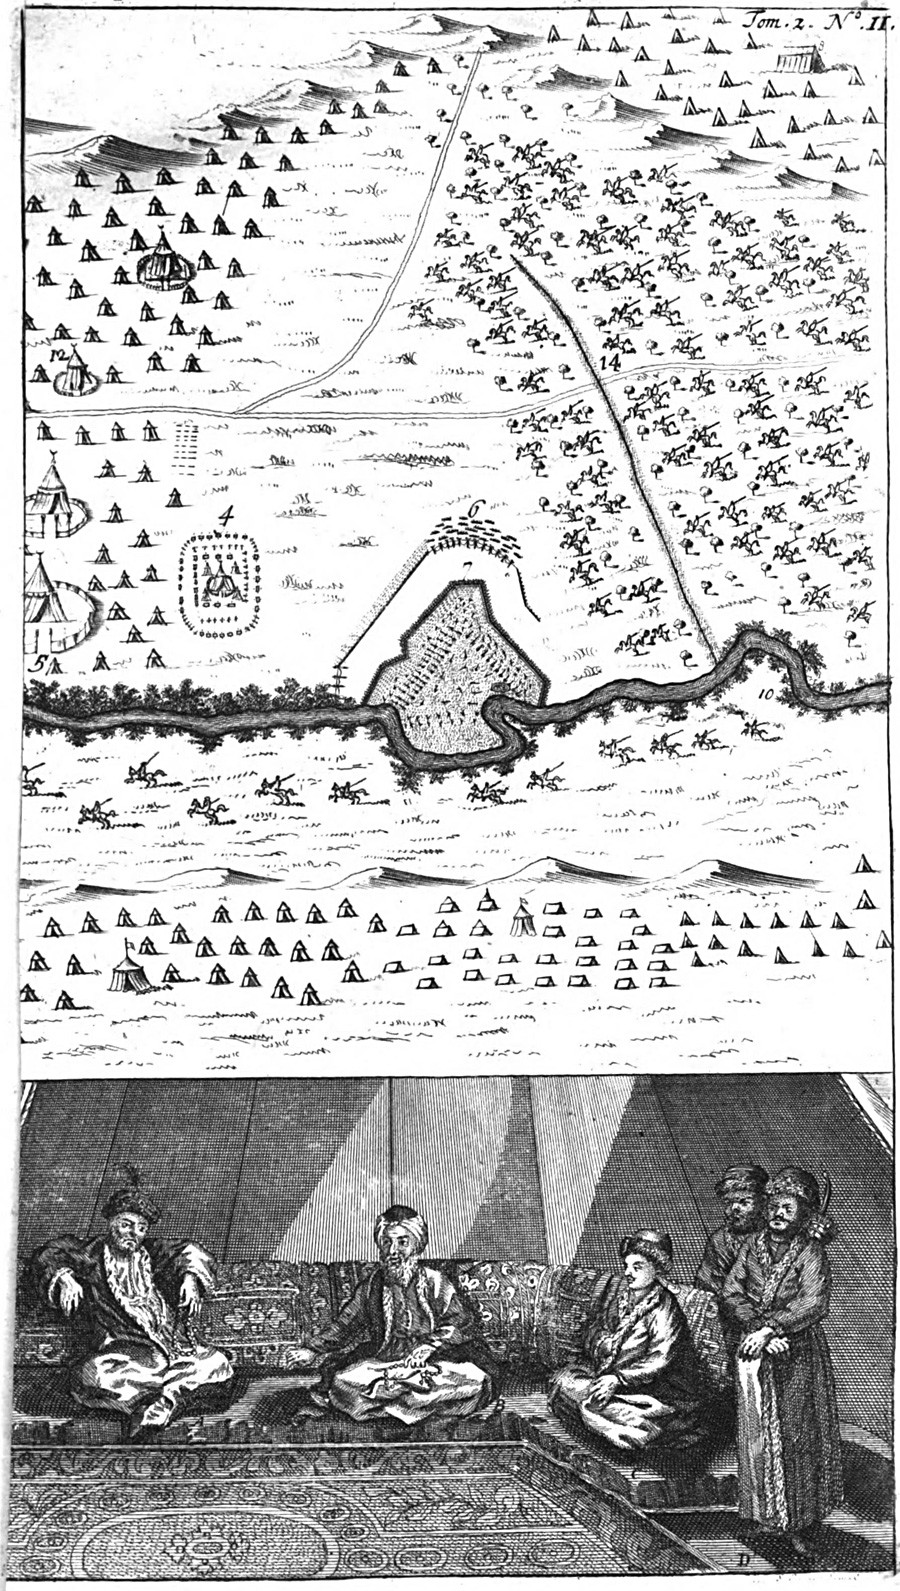 Guerra ruso-otomana (1710-1713). Batalla de Prut.